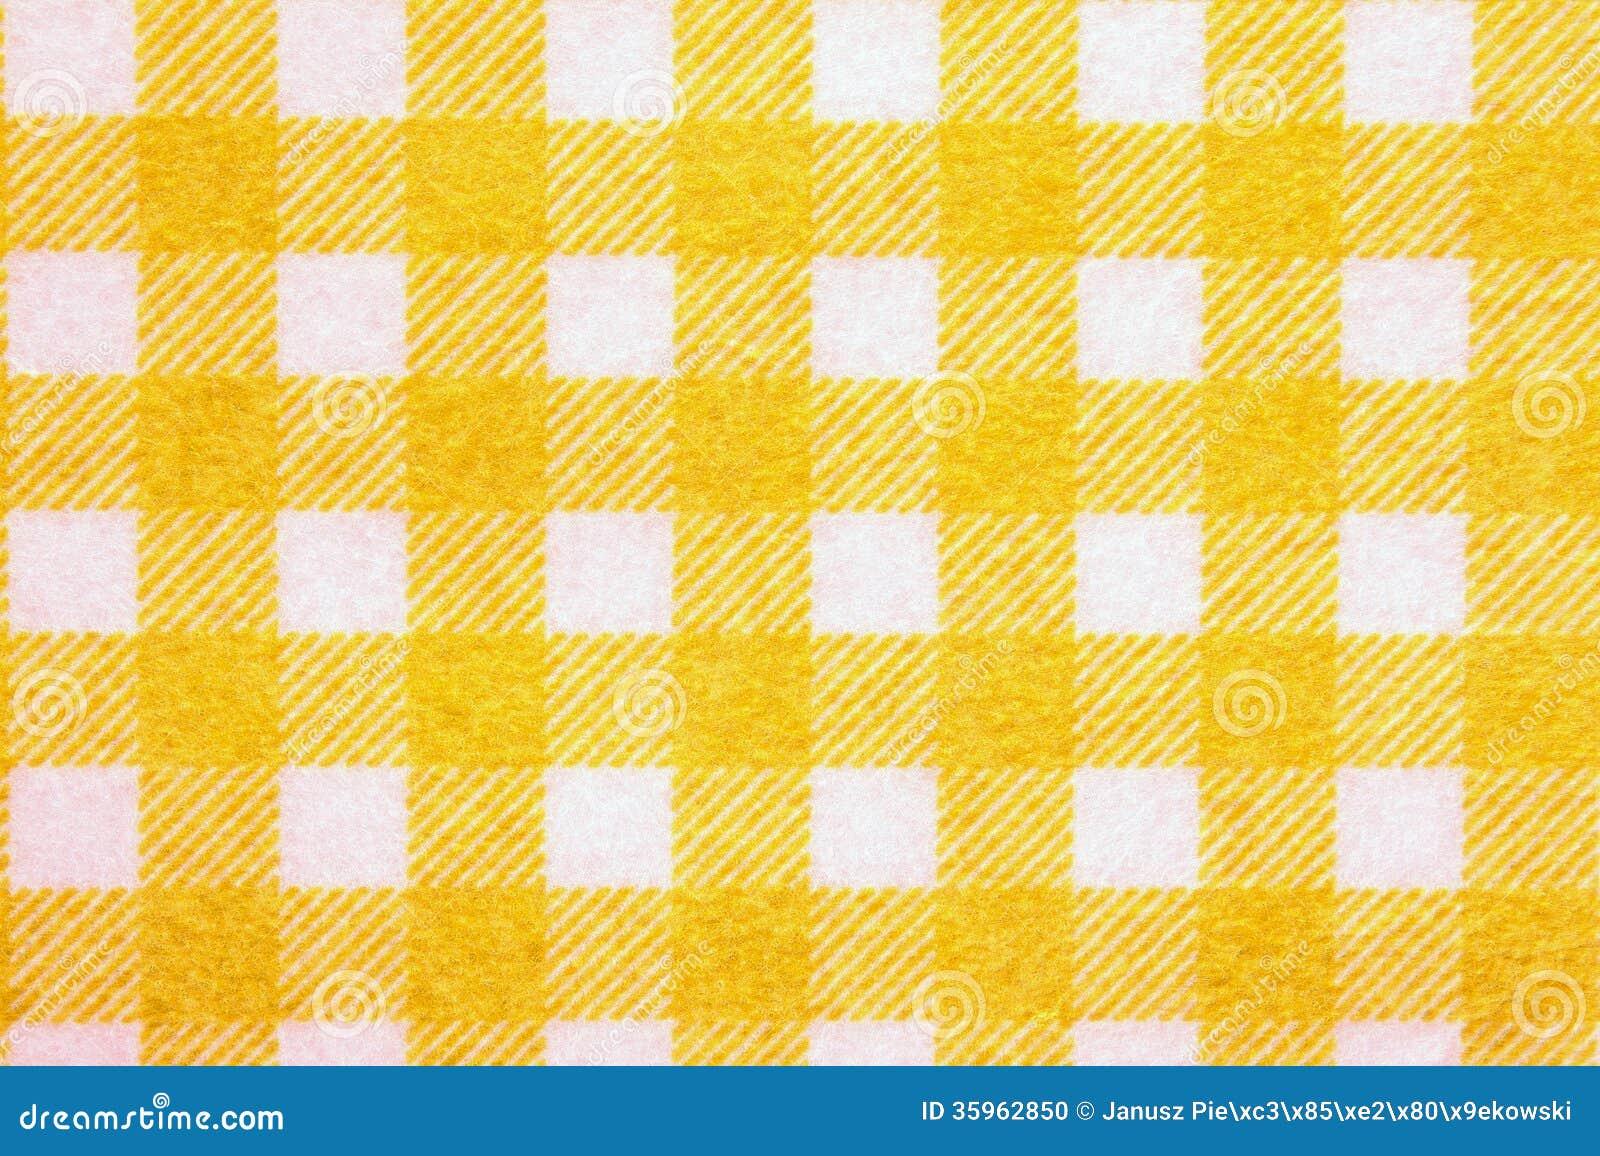 Material en la rejilla amarilla, un fondo.